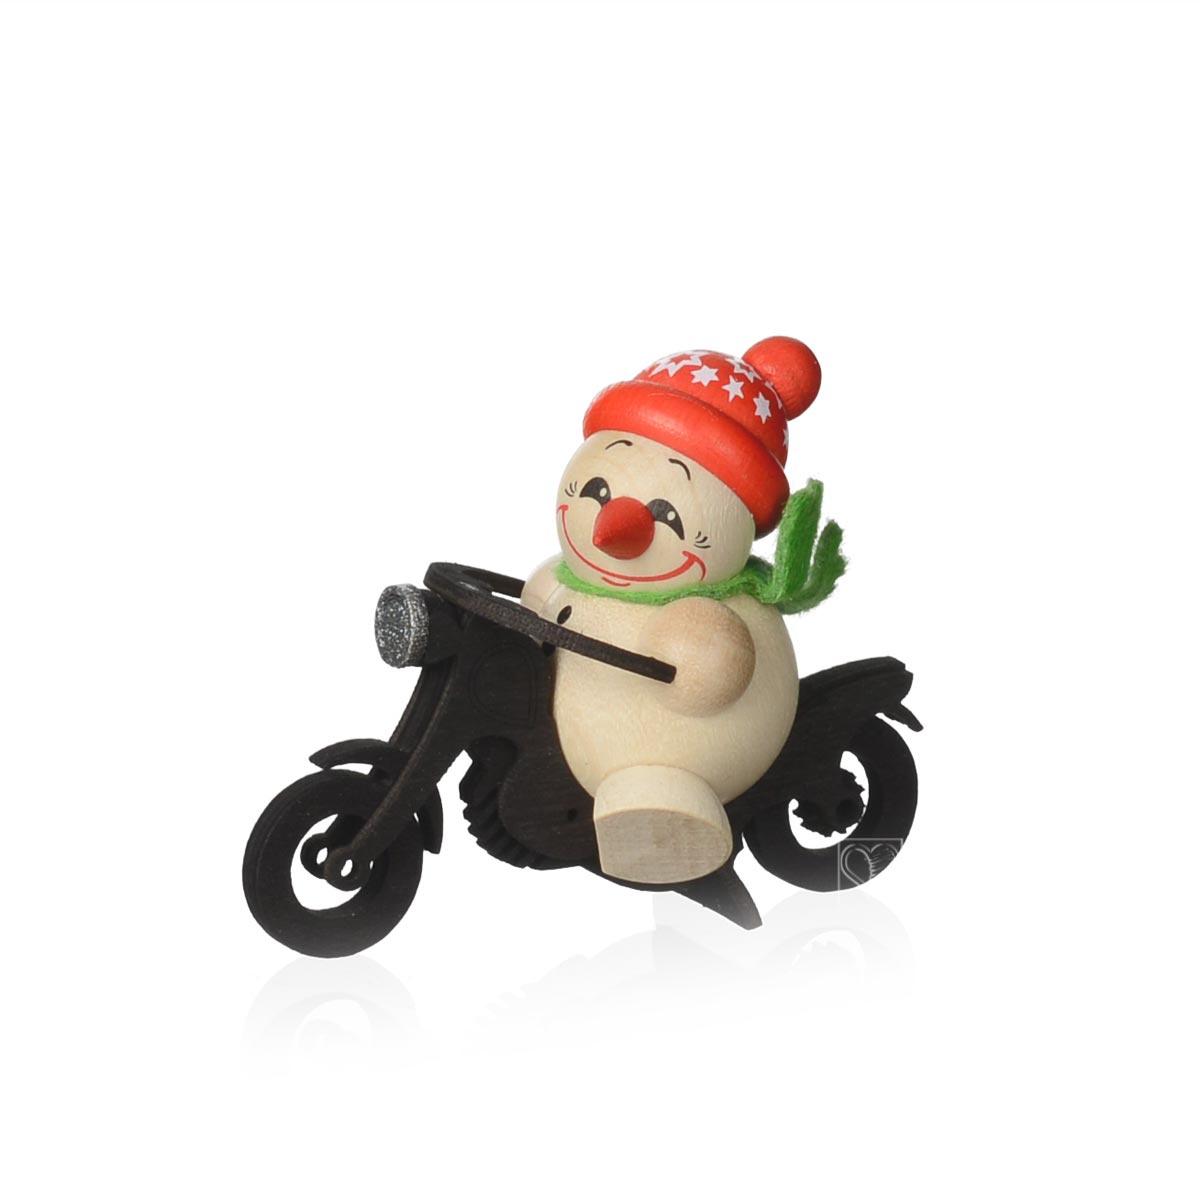 Kugelfiguren cool man motorrad von karsten braune f r 14 8 - Weihnachtsdeko figuren ...